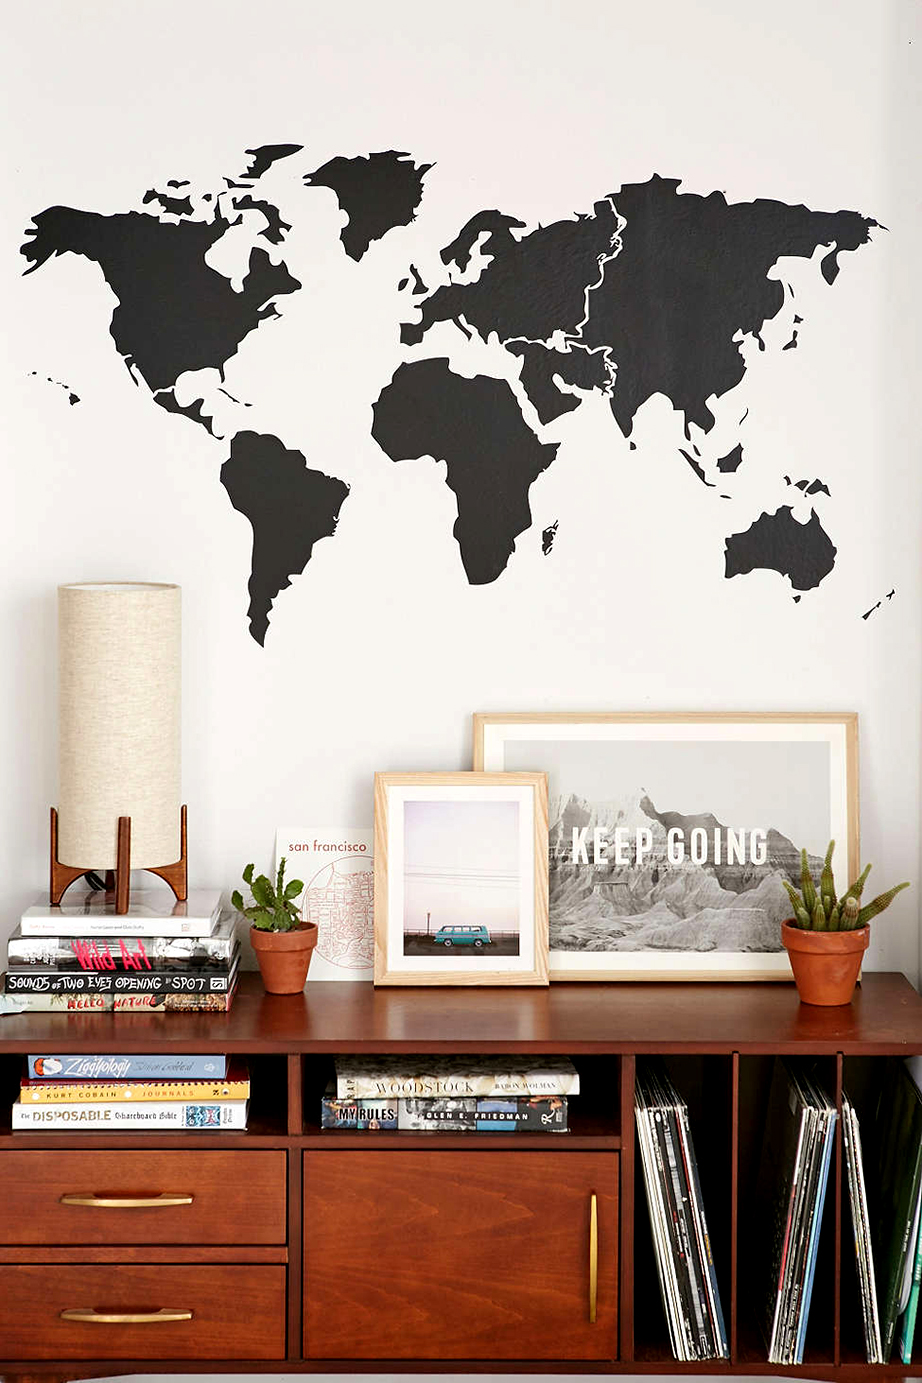 Η χρήση έτοιμων αυτοκόλλητων σχεδίων του παγκόσμιου χάρτη μπορούν να τοποθετηθούν σε οποιαδήποτε επιφάνεια τοίχου και σε οποιοδήποτε χώρο του σπιτιού.